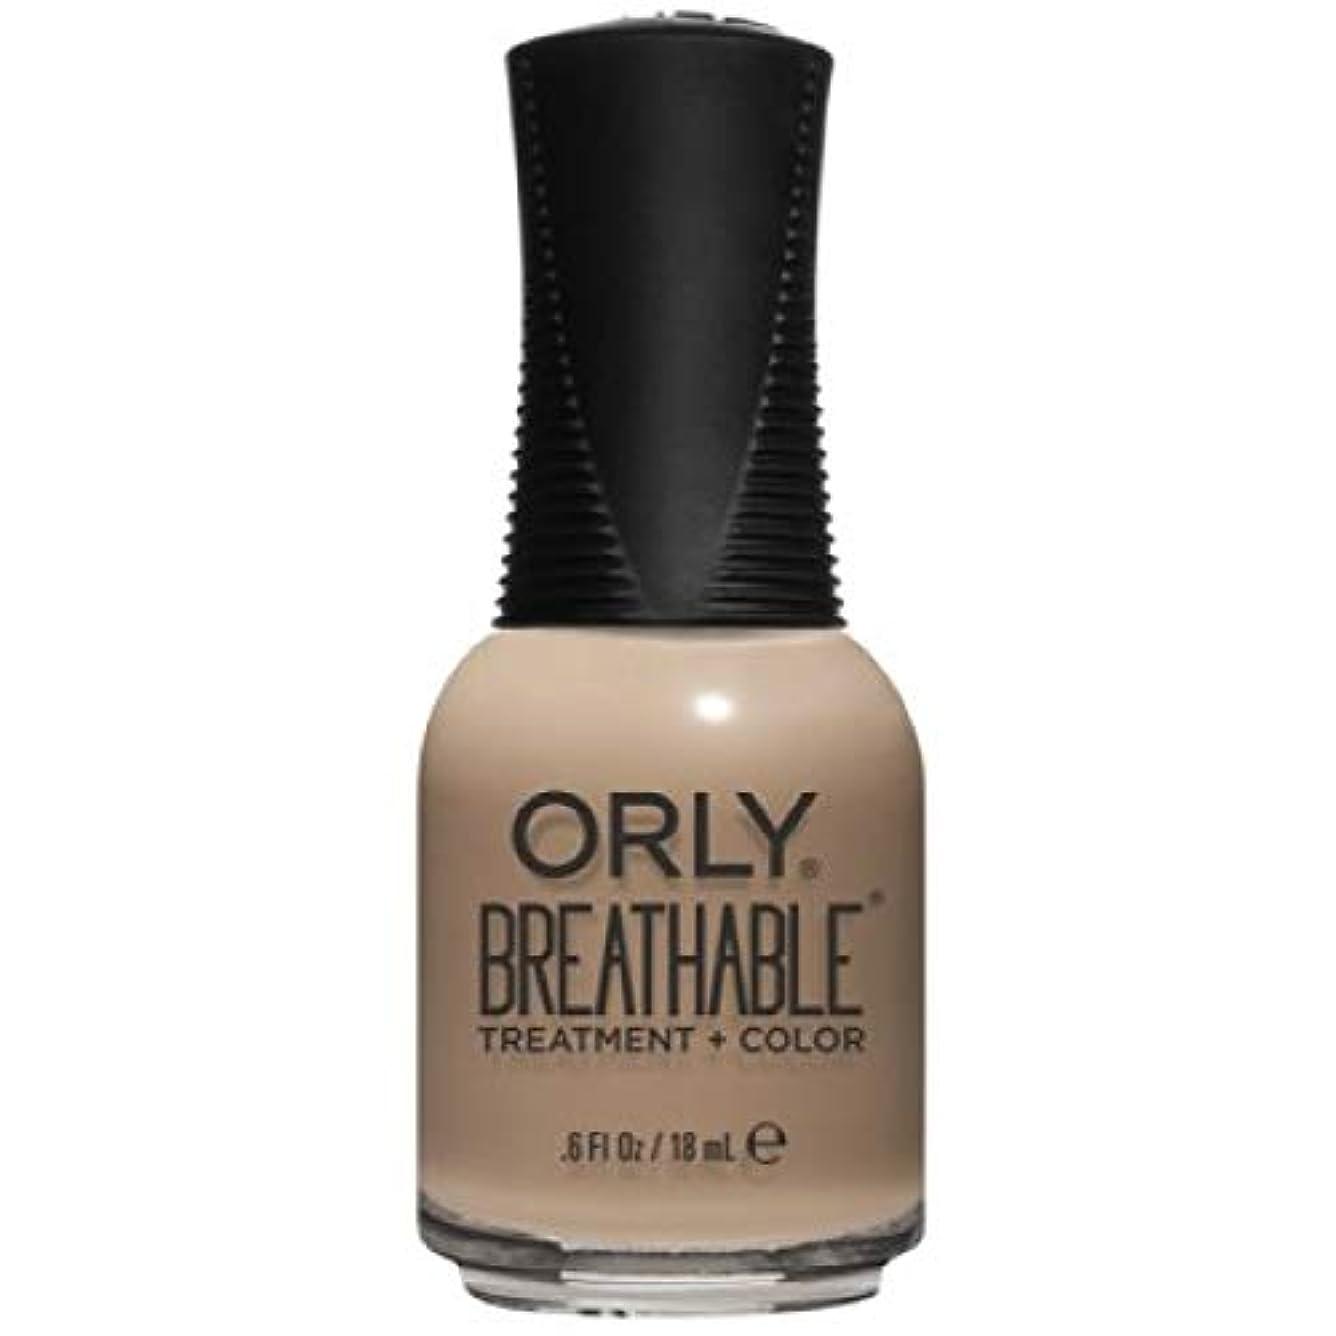 発明調停者規模Orly Breathable Nail Lacquer - Treatment + Color - Bare Necessity - 0.6 oz / 18 mL